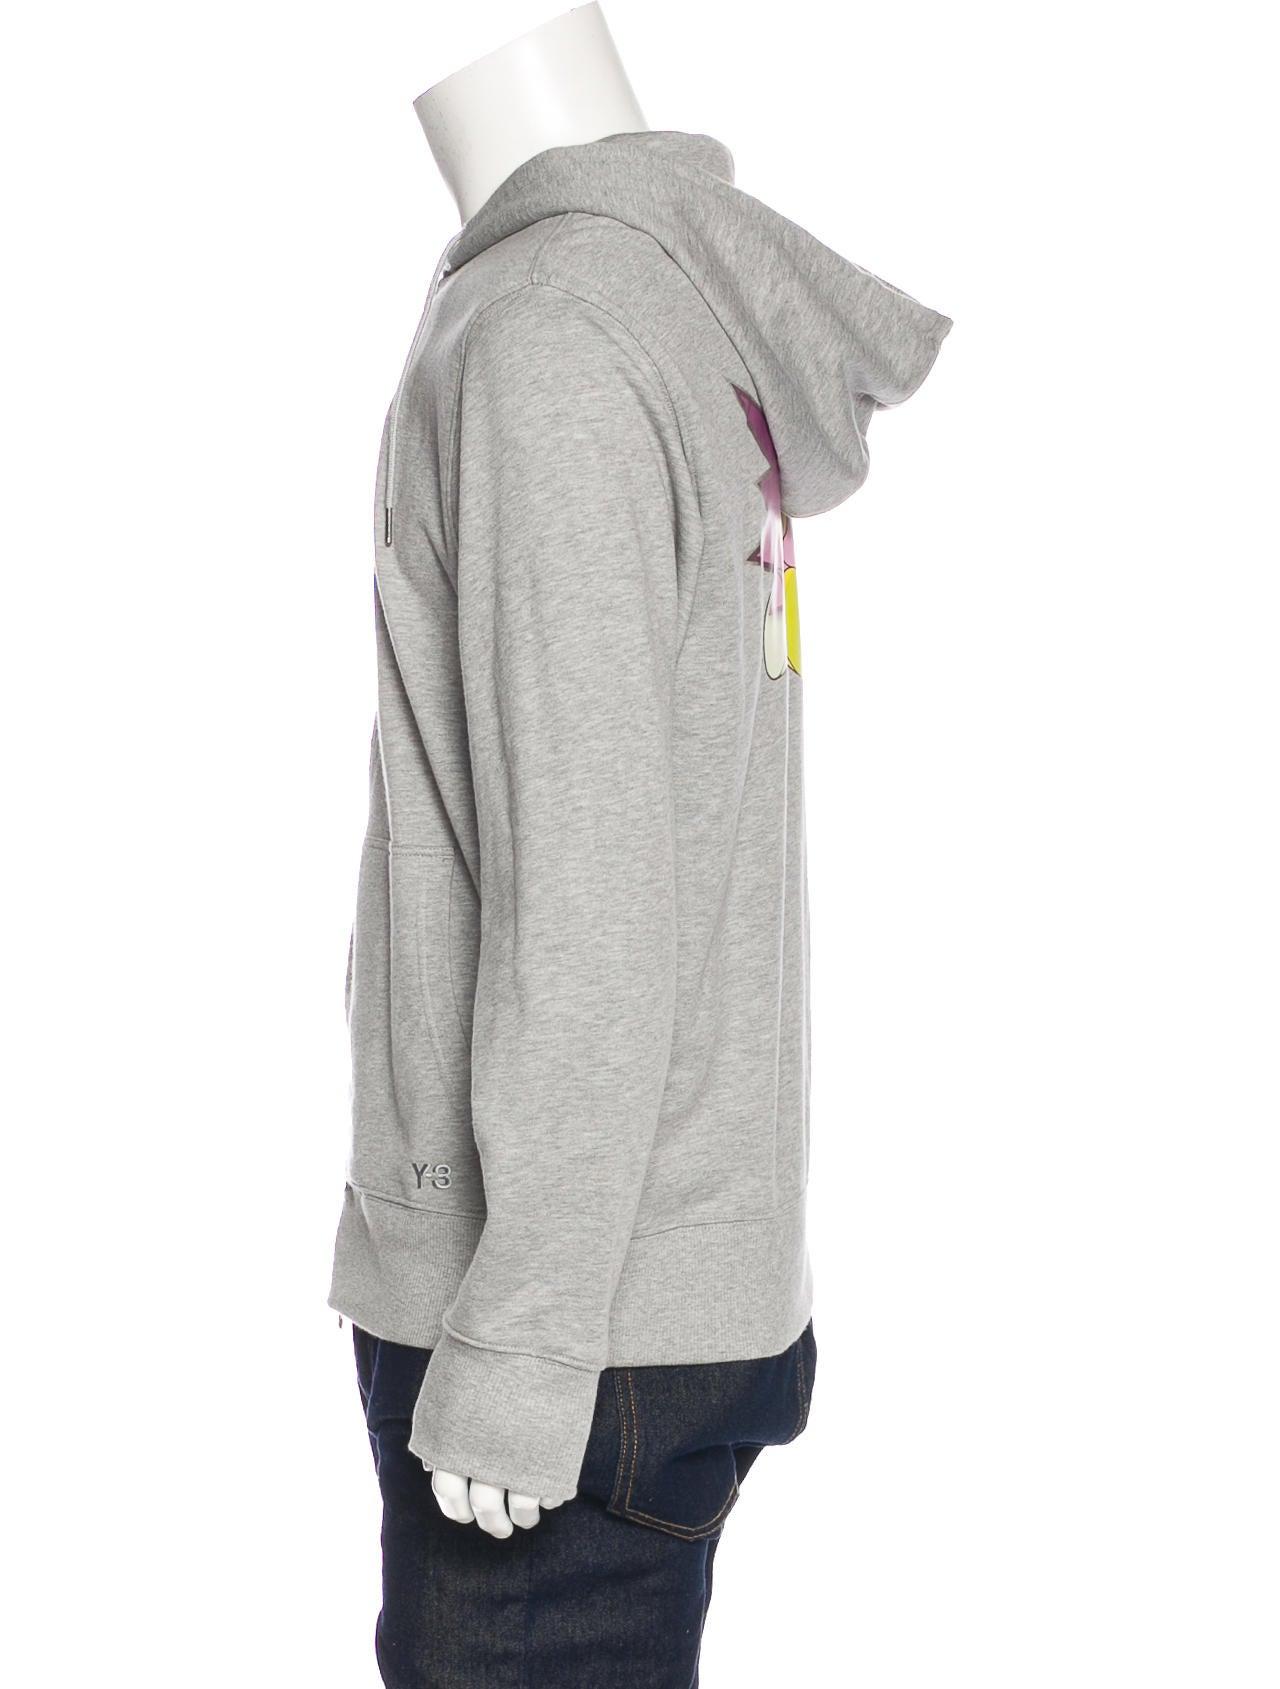 Bear hoodies